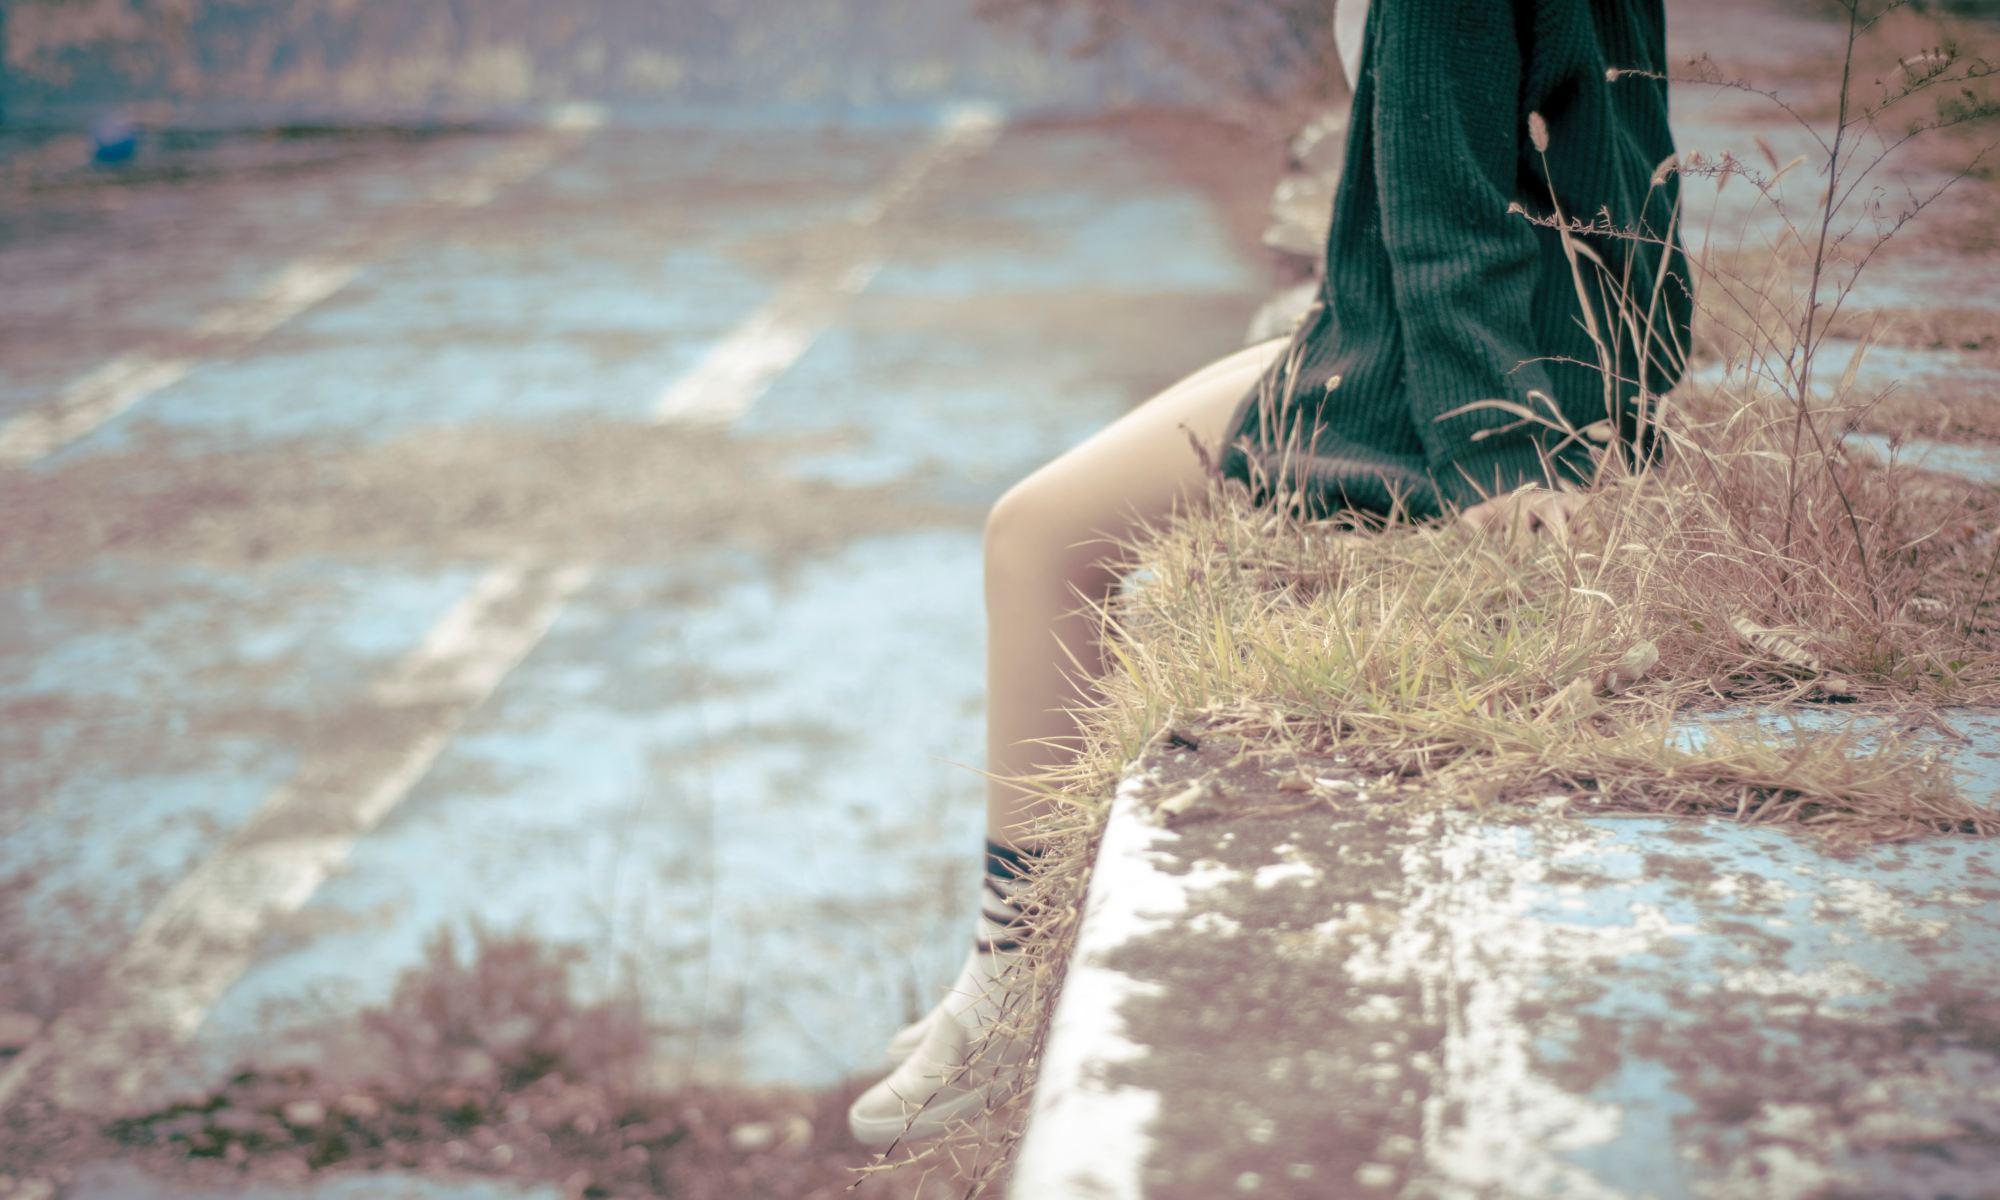 不倫を諦めたら新しい出逢いがある?辛い禁断の恋を断ち切るには?